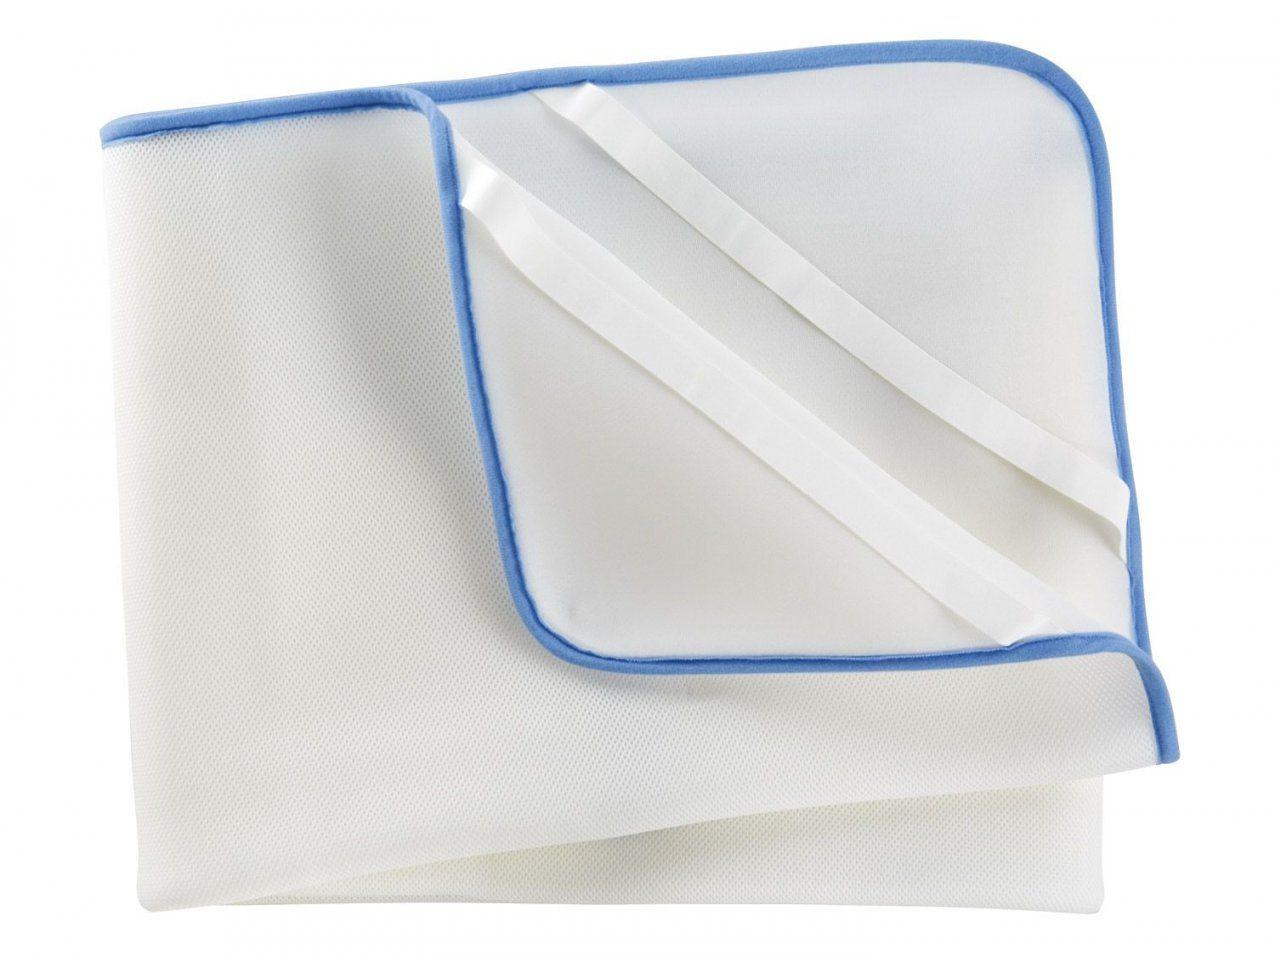 Meradiso® Matratzentopper Mit Klimafunktion 90 X 200 Cm  Lidl von Lidl Matratzen Topper 90X200 Bild